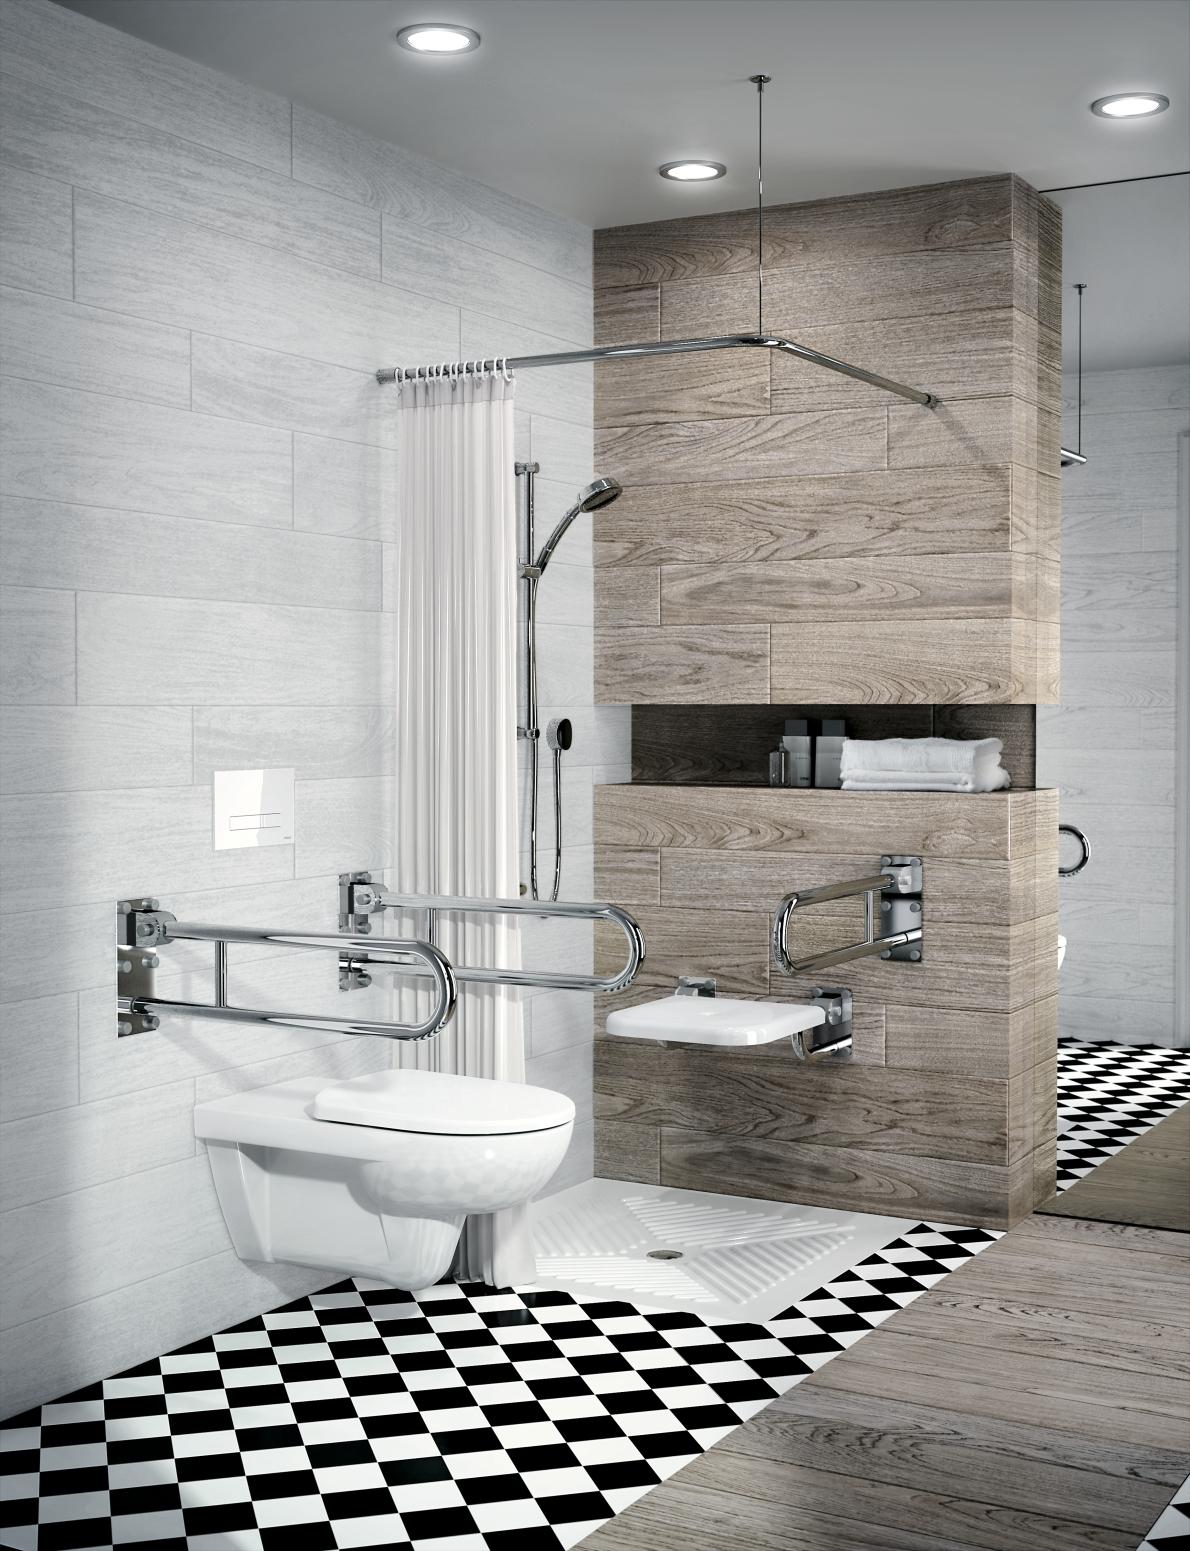 Na zdjęciu widoczna jest piękna, nowoczesna łazienka Geberit z podtrzymaniem dla niepełnosprawnych.